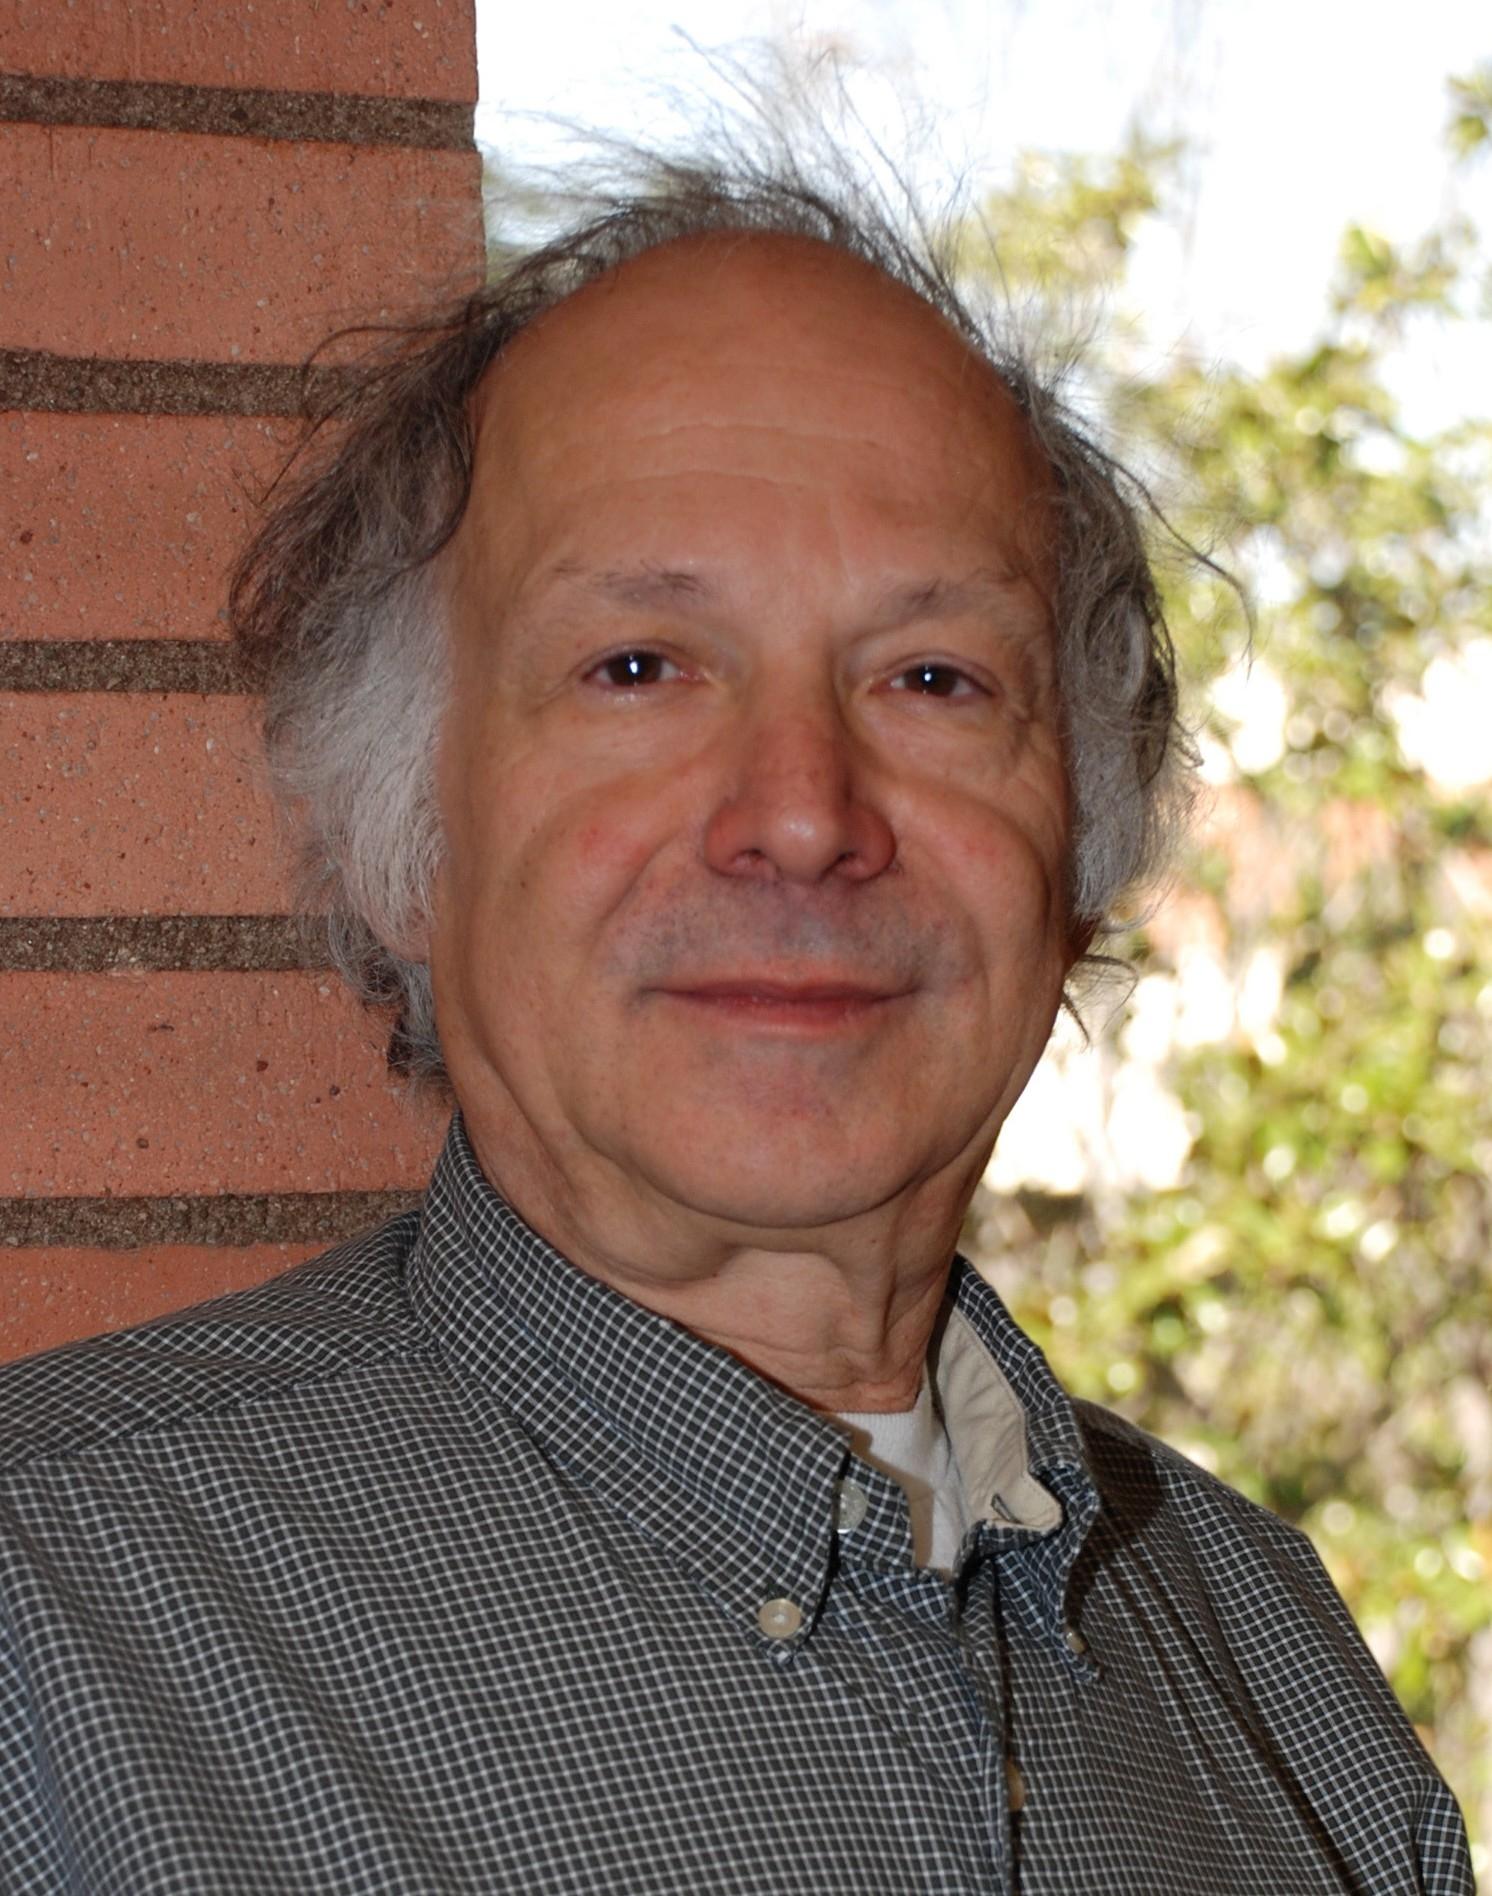 骆思典Stanley Rosen - 美国南加州大学政治系教授,专攻中国政治和社会学。他在台湾和香港学习中文,并在过去的37年中到访中国大陆五十多次。他的课程从中国政治和中国电影到亚洲政治变革,东亚社会,比较政治及政治和电影比较。他是八本书及许多文章的作者及编辑。他撰写了文革,中国法律制度,舆论,青年,性别,人权,中美关系,电影和媒体等话题。其他正在进行的项目包括研究中国青年不断变化的态度和行为以及好莱坞电影在中国和中国电影在国际市场,特别是美国的前景。他是北京师范大学中国文化与国际交流研究所的附属研究学者,上海大学媒体研究中心国际顾问委员,中山大学人文研究中心(台湾)。他曾为美国新闻局,洛杉矶公设辩护处和一些私人公司,律师事务所及美国政府机构担任顾问。